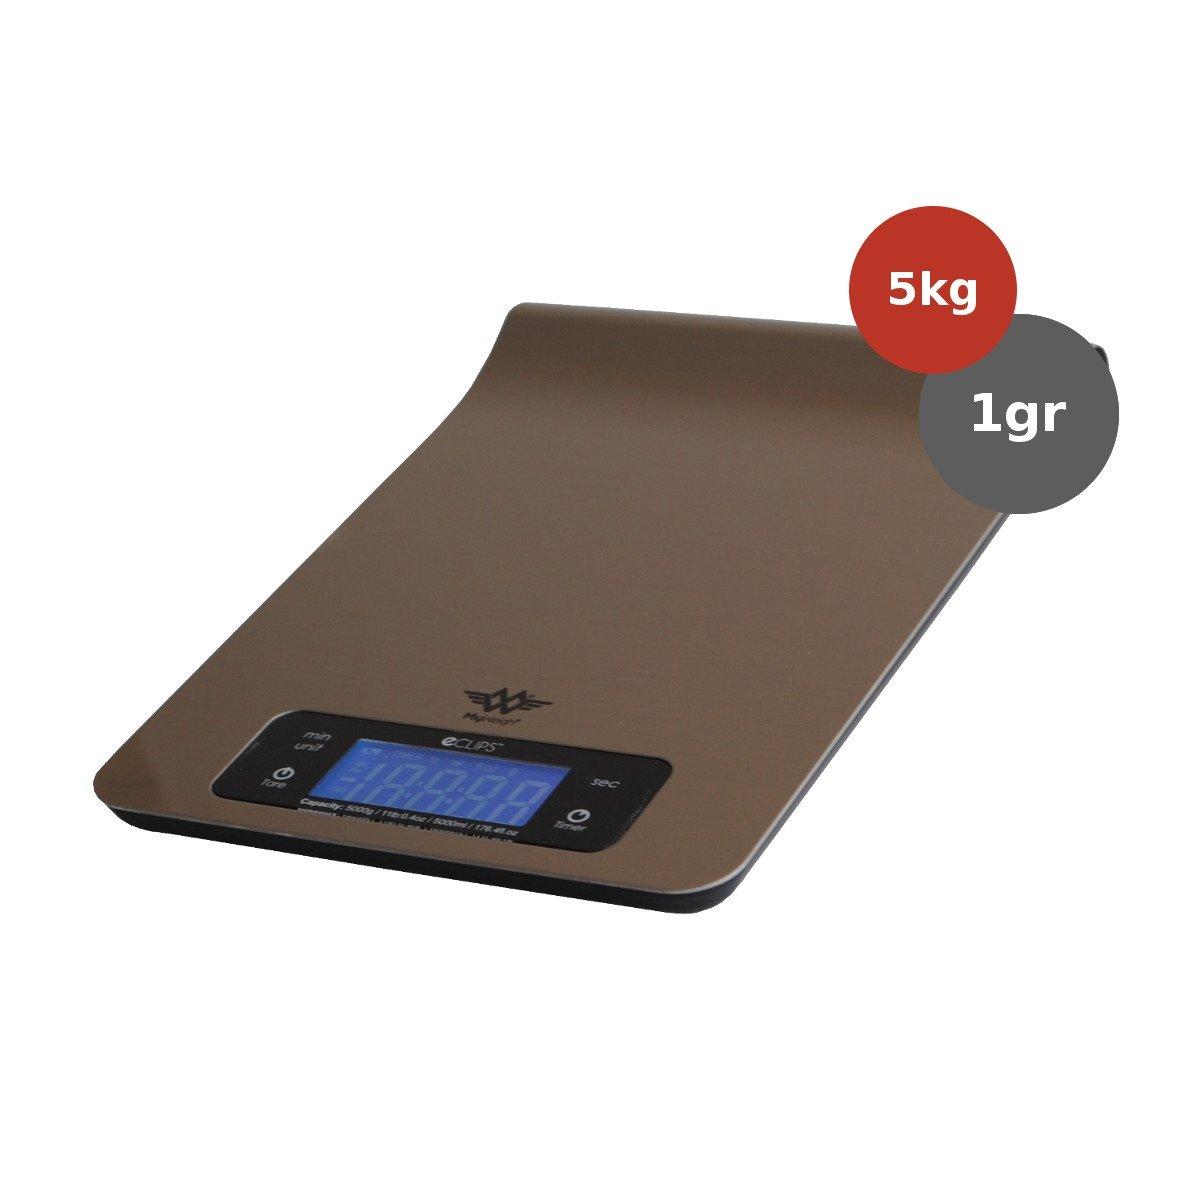 MyWeigh ECLIPSE Keukenweegschaal 5kg x 1gr